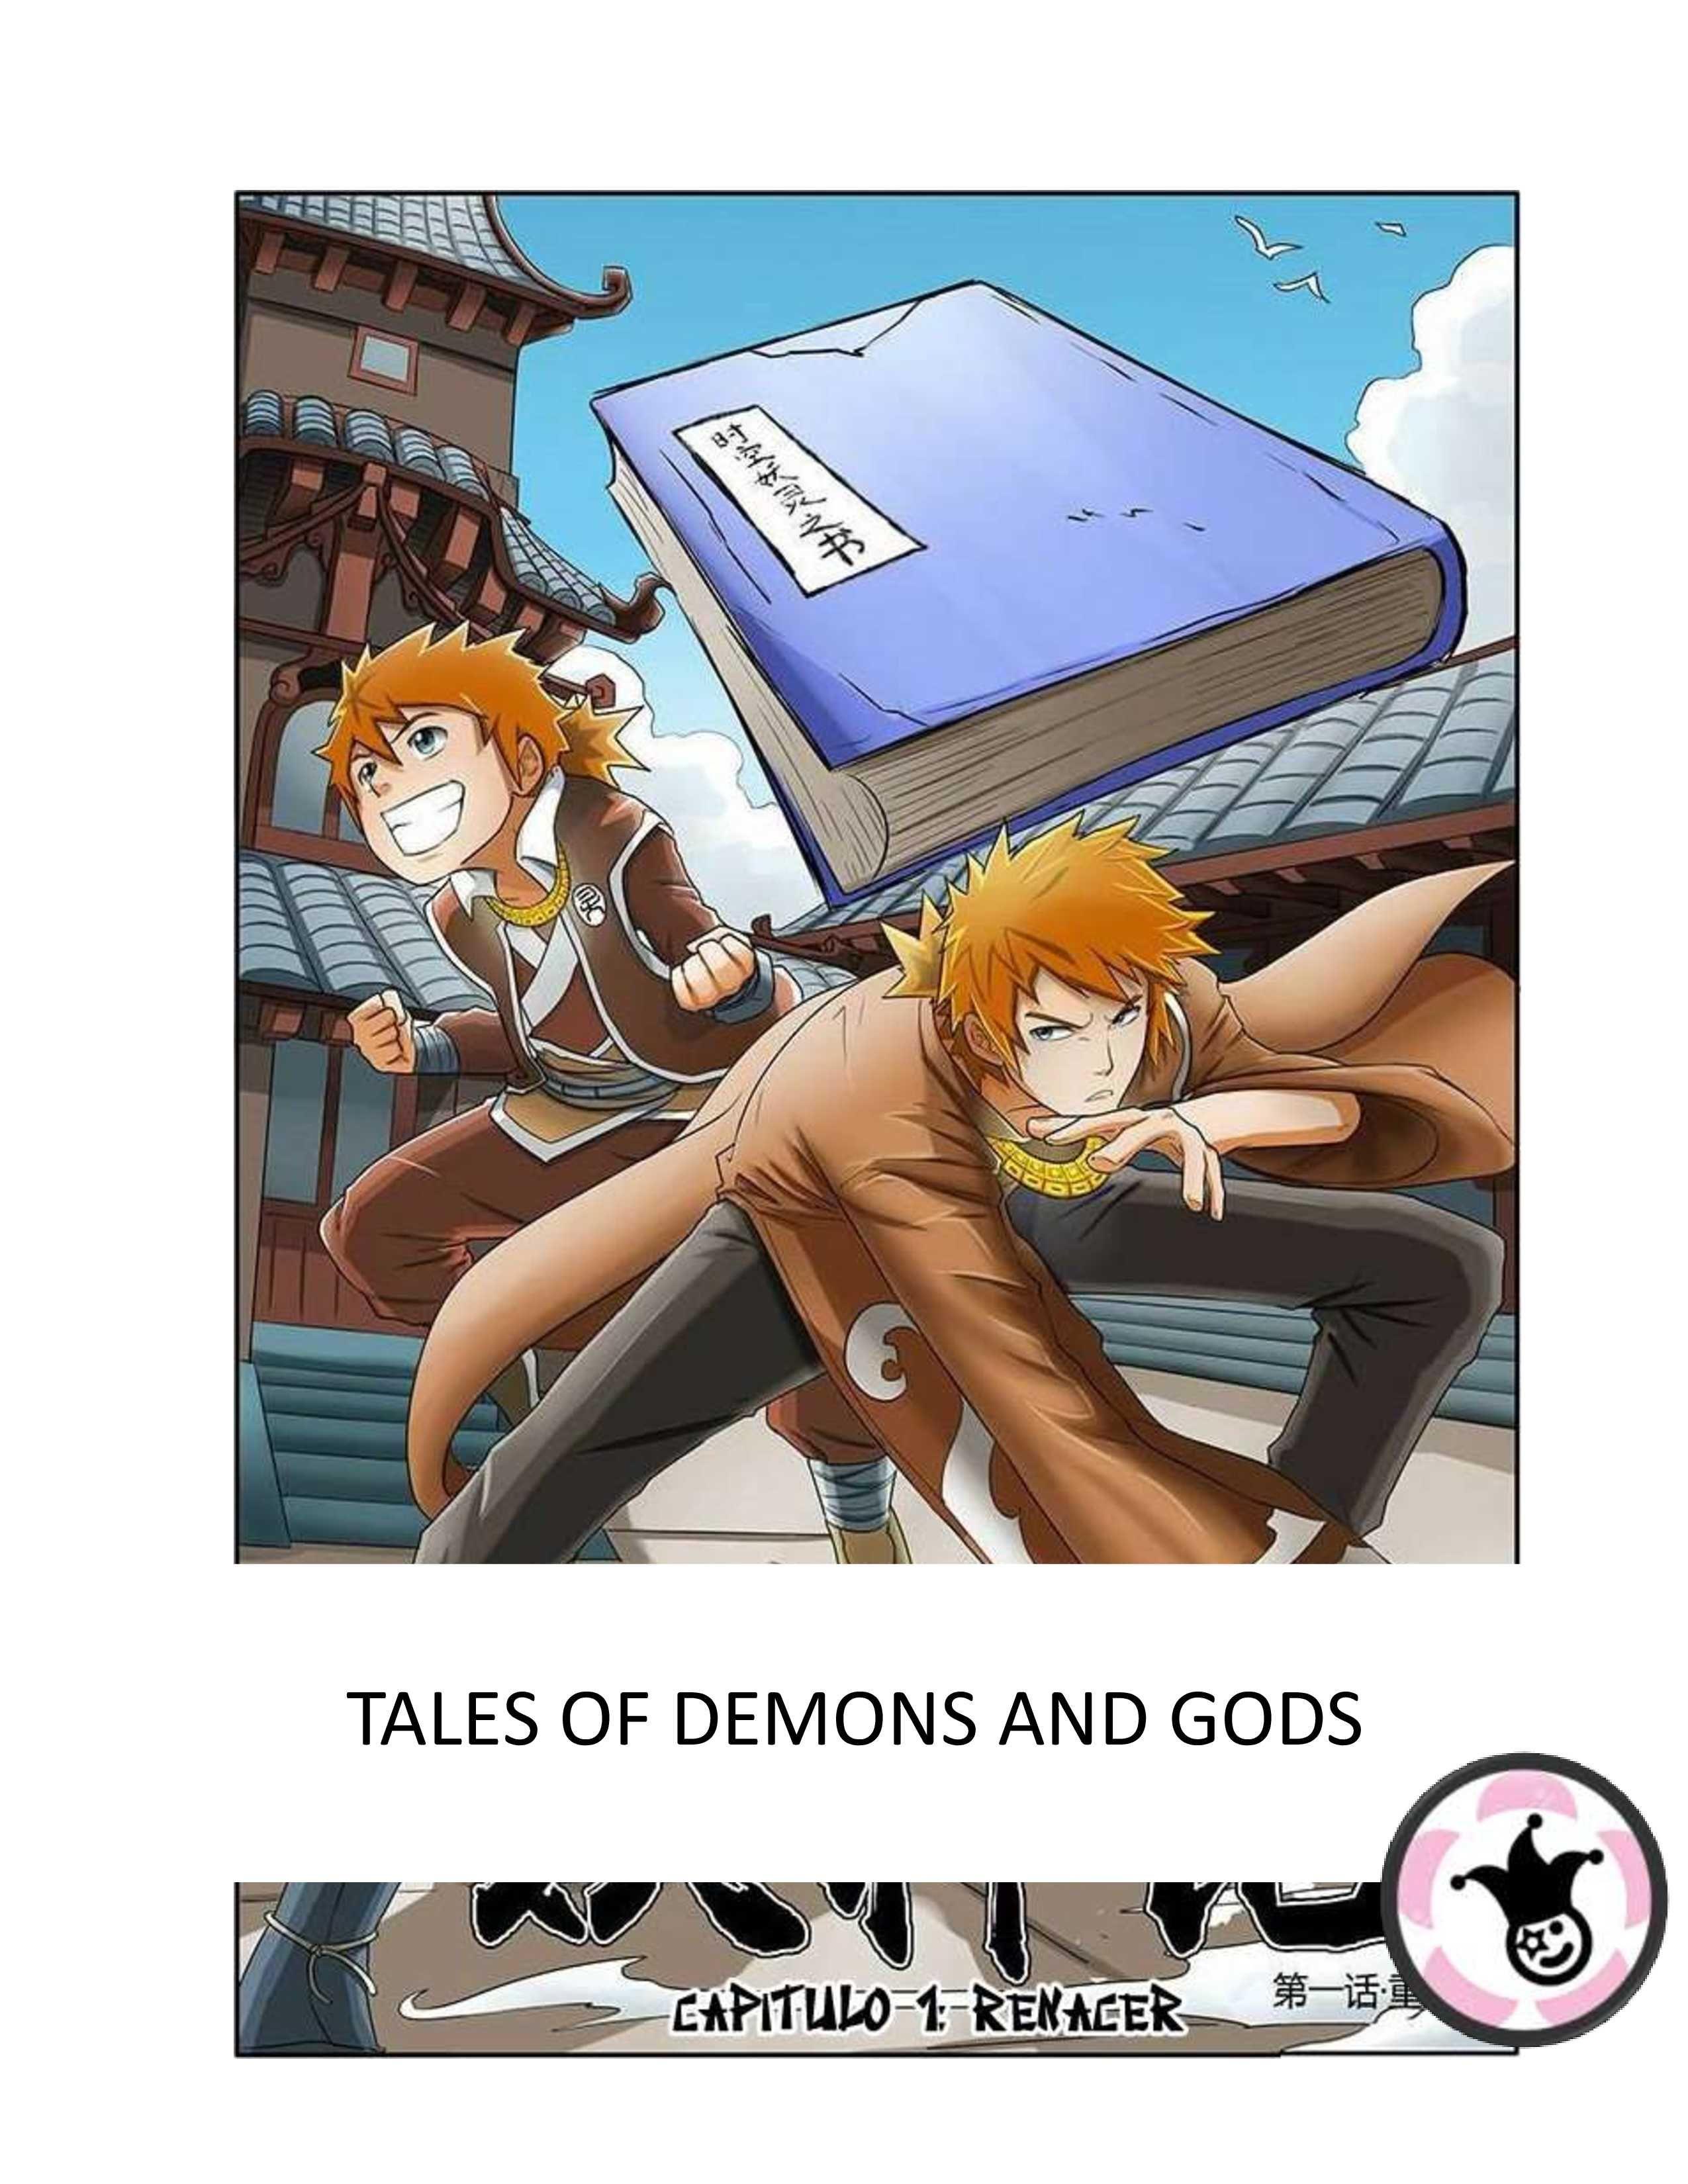 https://c5.ninemanga.com/es_manga/44/20012/484376/ddd1e5c1ecd6aea90094f247772f9c69.jpg Page 1